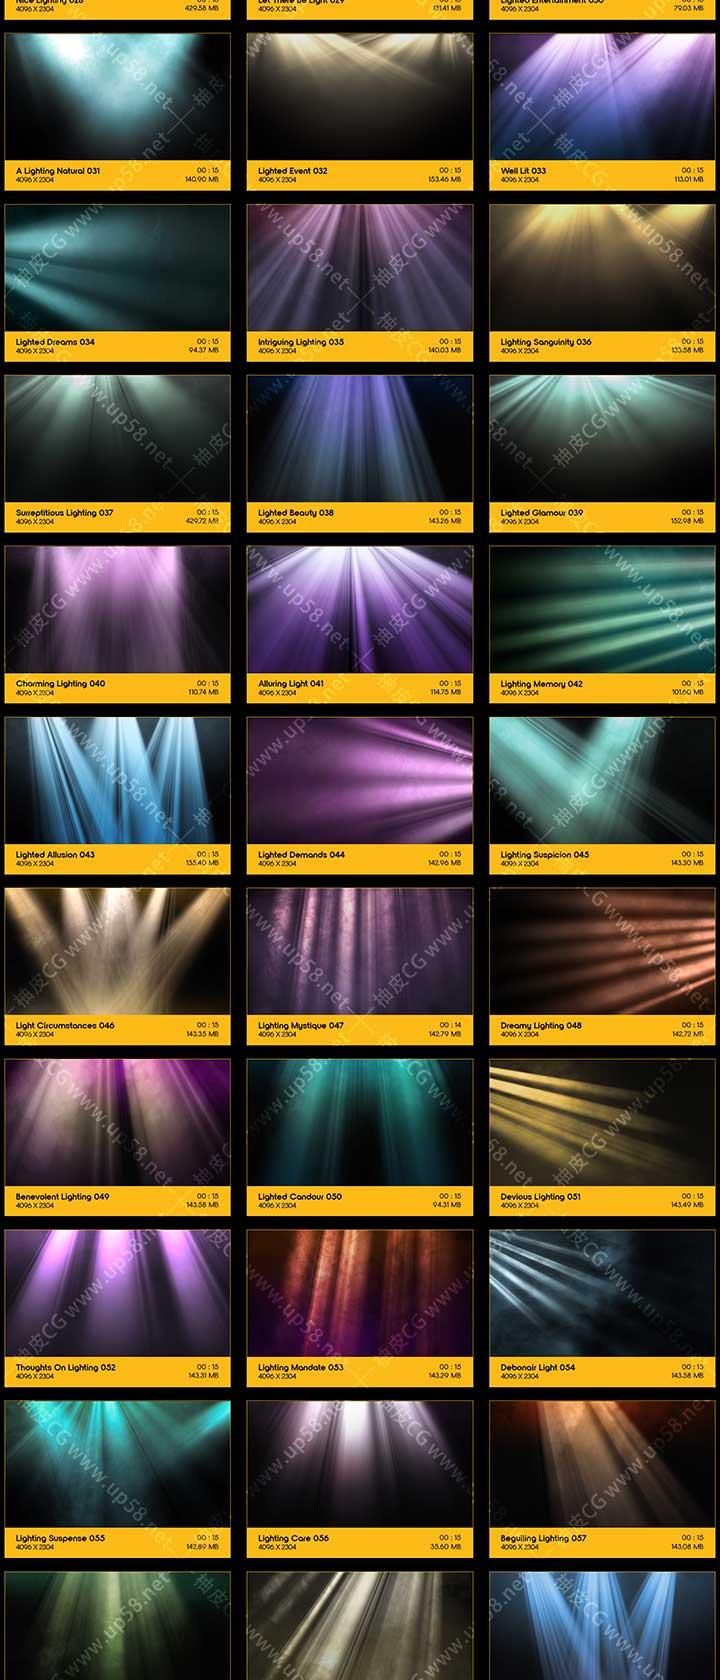 176组舞台聚光追光光效超级慢动作动画4K高清视频素材